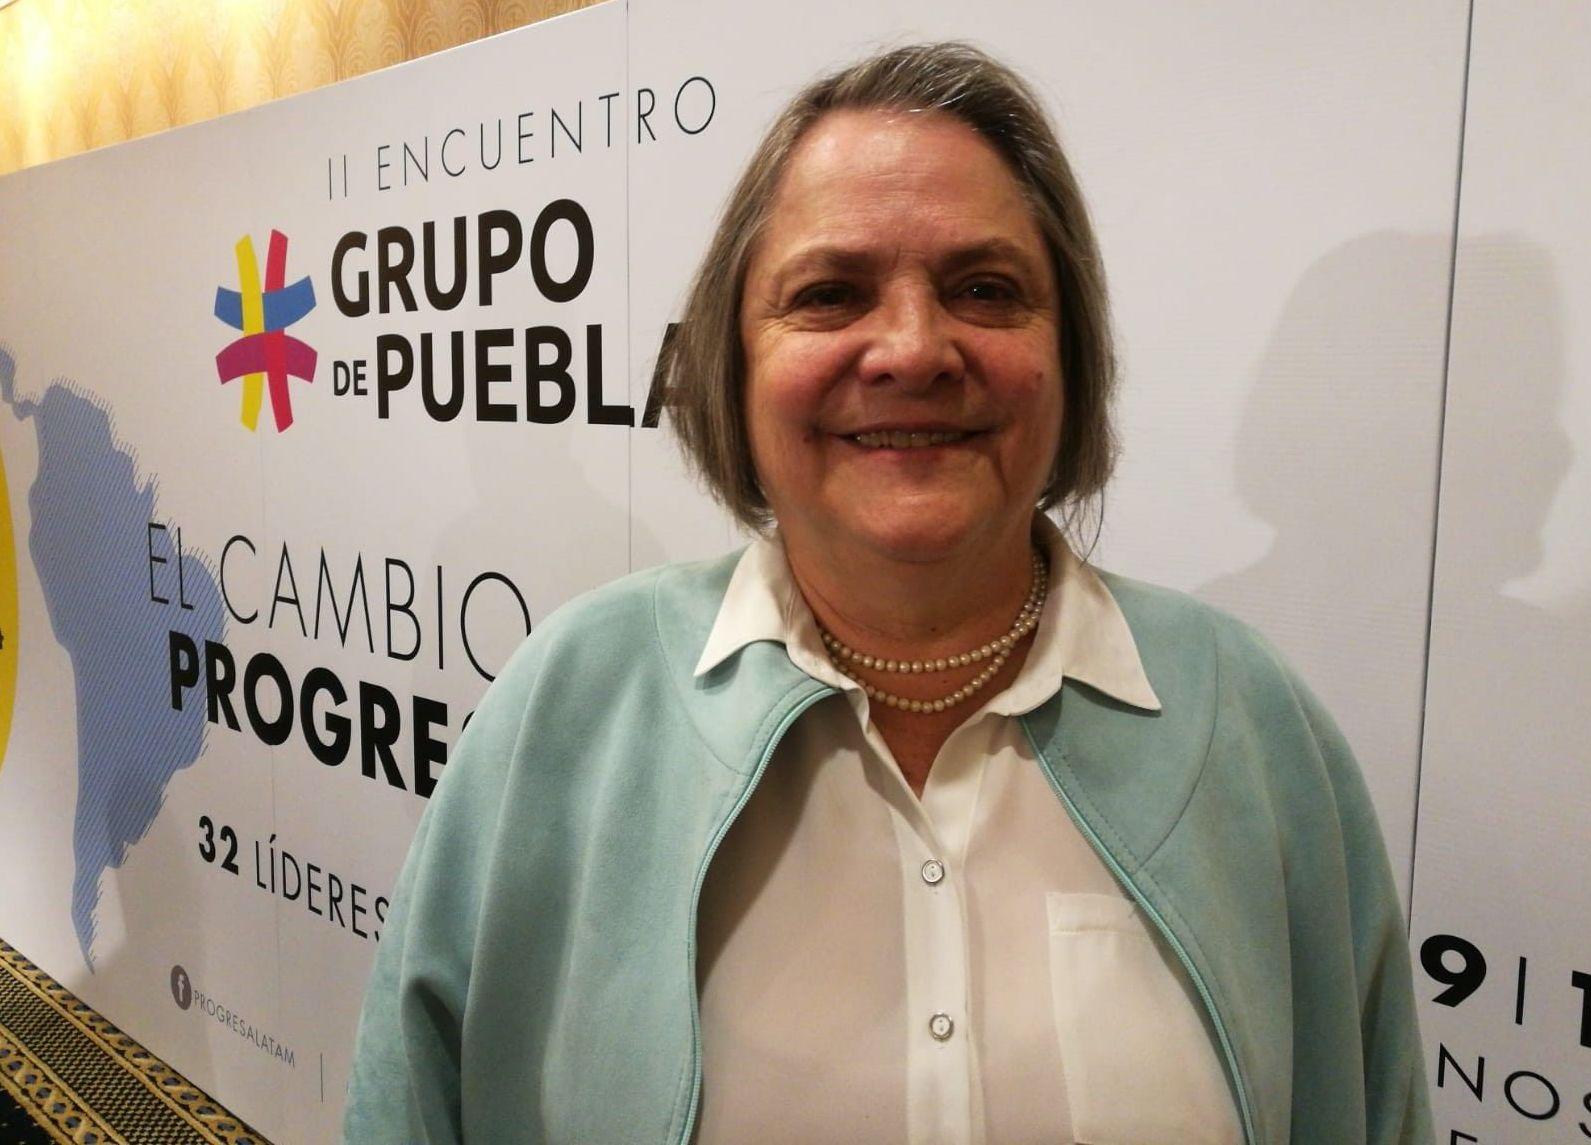 Clara López Obregón, vocera del Grupo de Puebla